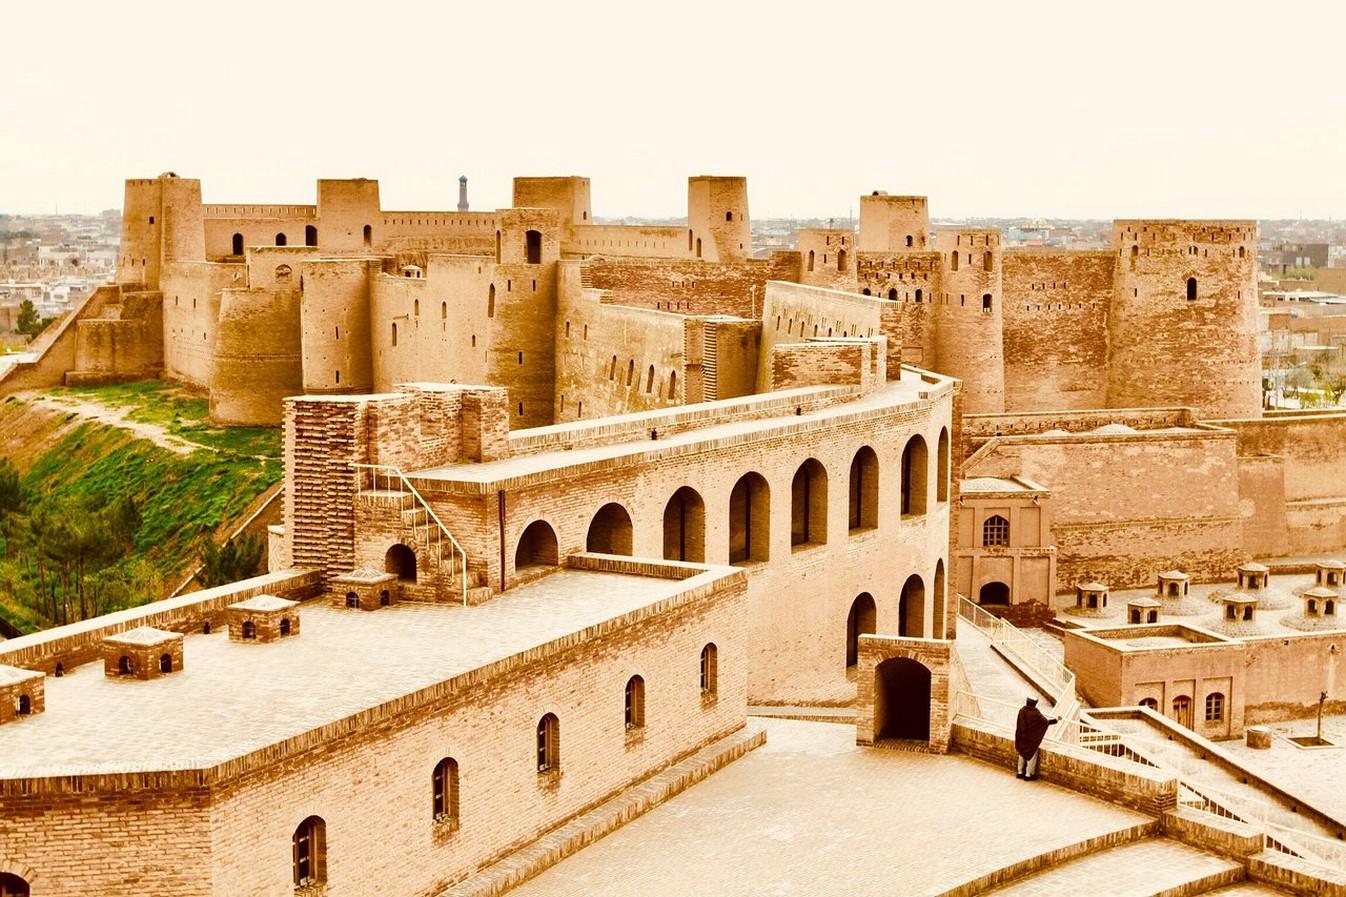 Herat Citadel - Sheet2